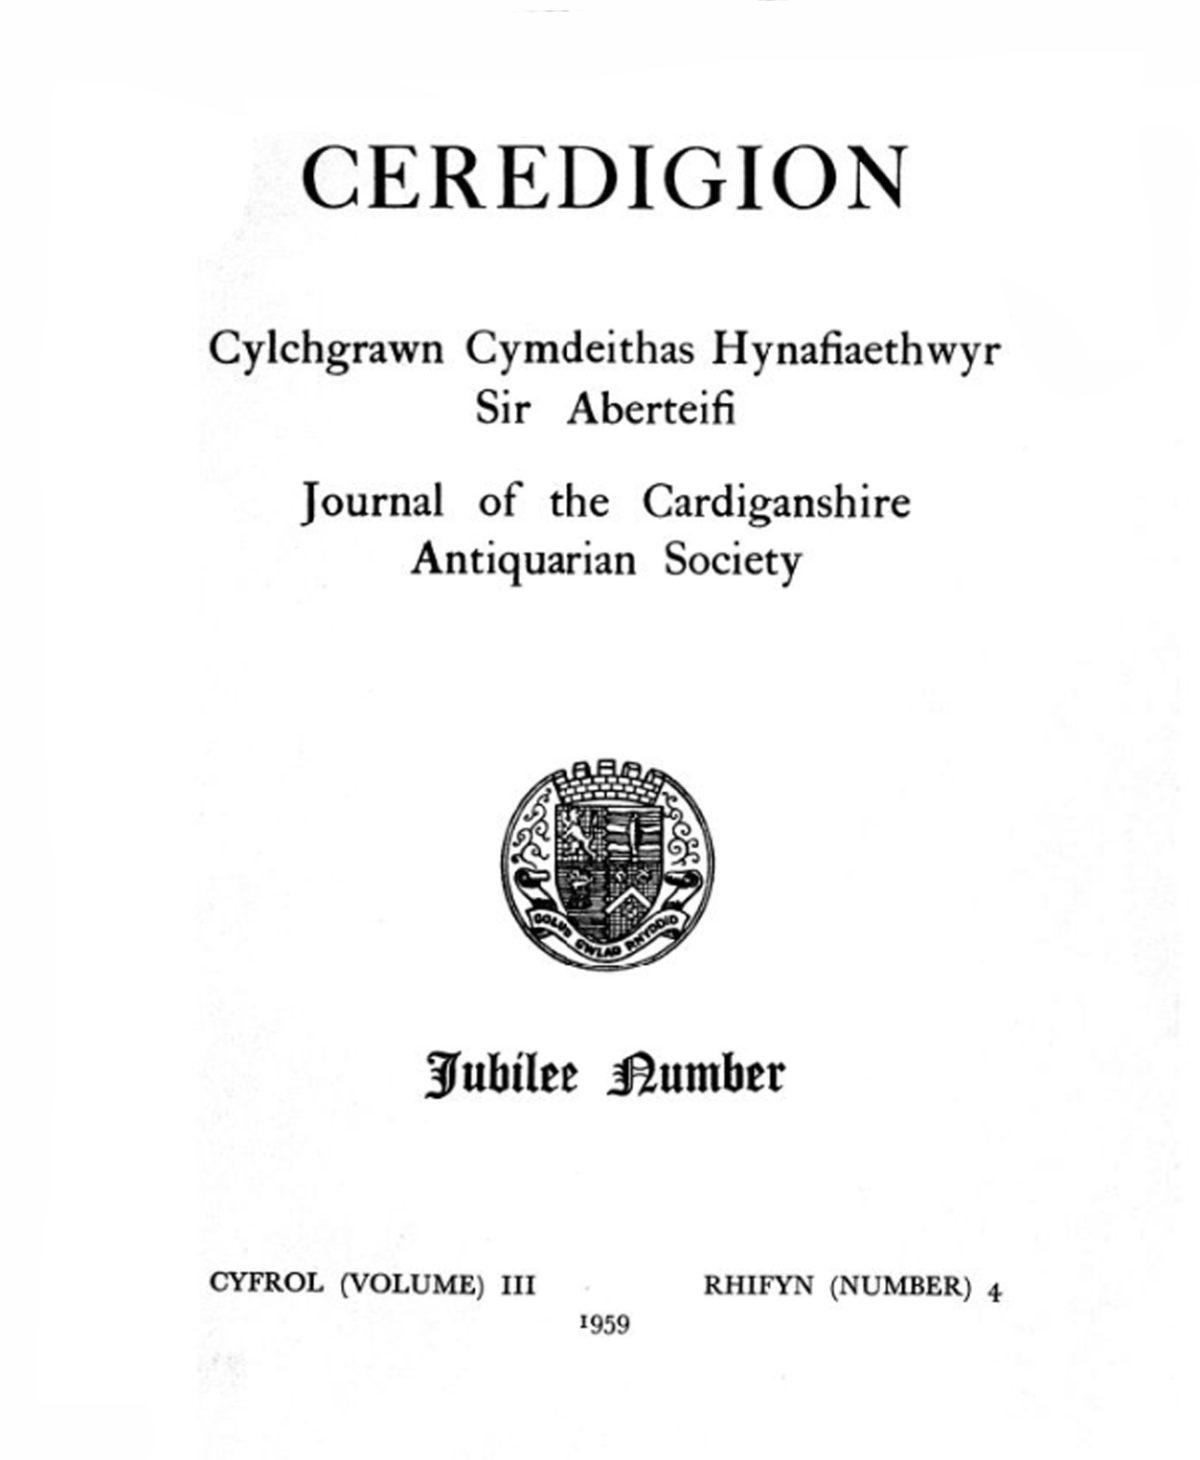 Ceredigion – Cylchgrawn Cymdeithas Hynafiaethwyr Sir Aberteifi, 1959 Cyfrol III Rhifyn 4